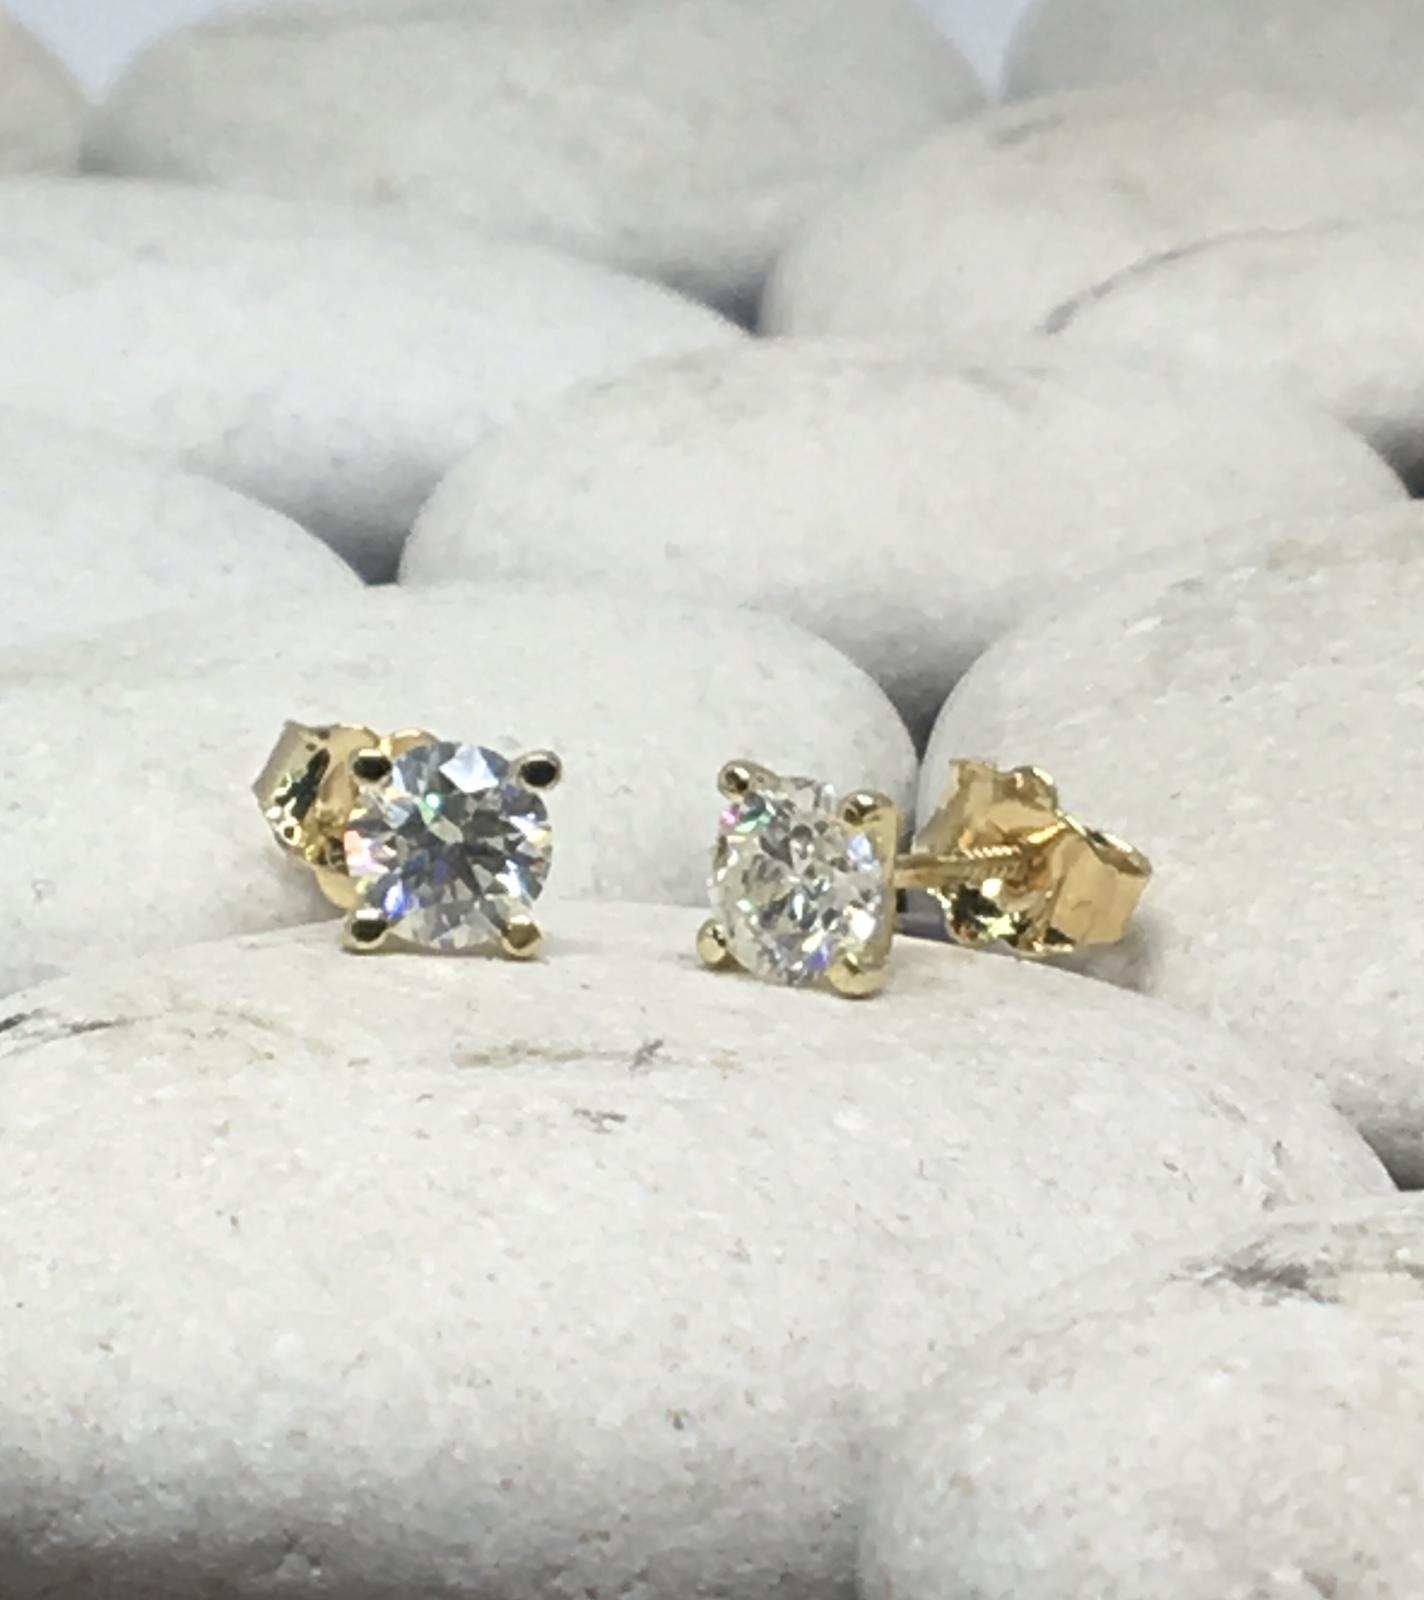 עגילי יהלומים 0.80-0.75 קראט דגם מרטיני | עגילי יהלומים צמודים לאוזן | עגילי יהלומים סוליטר בזול